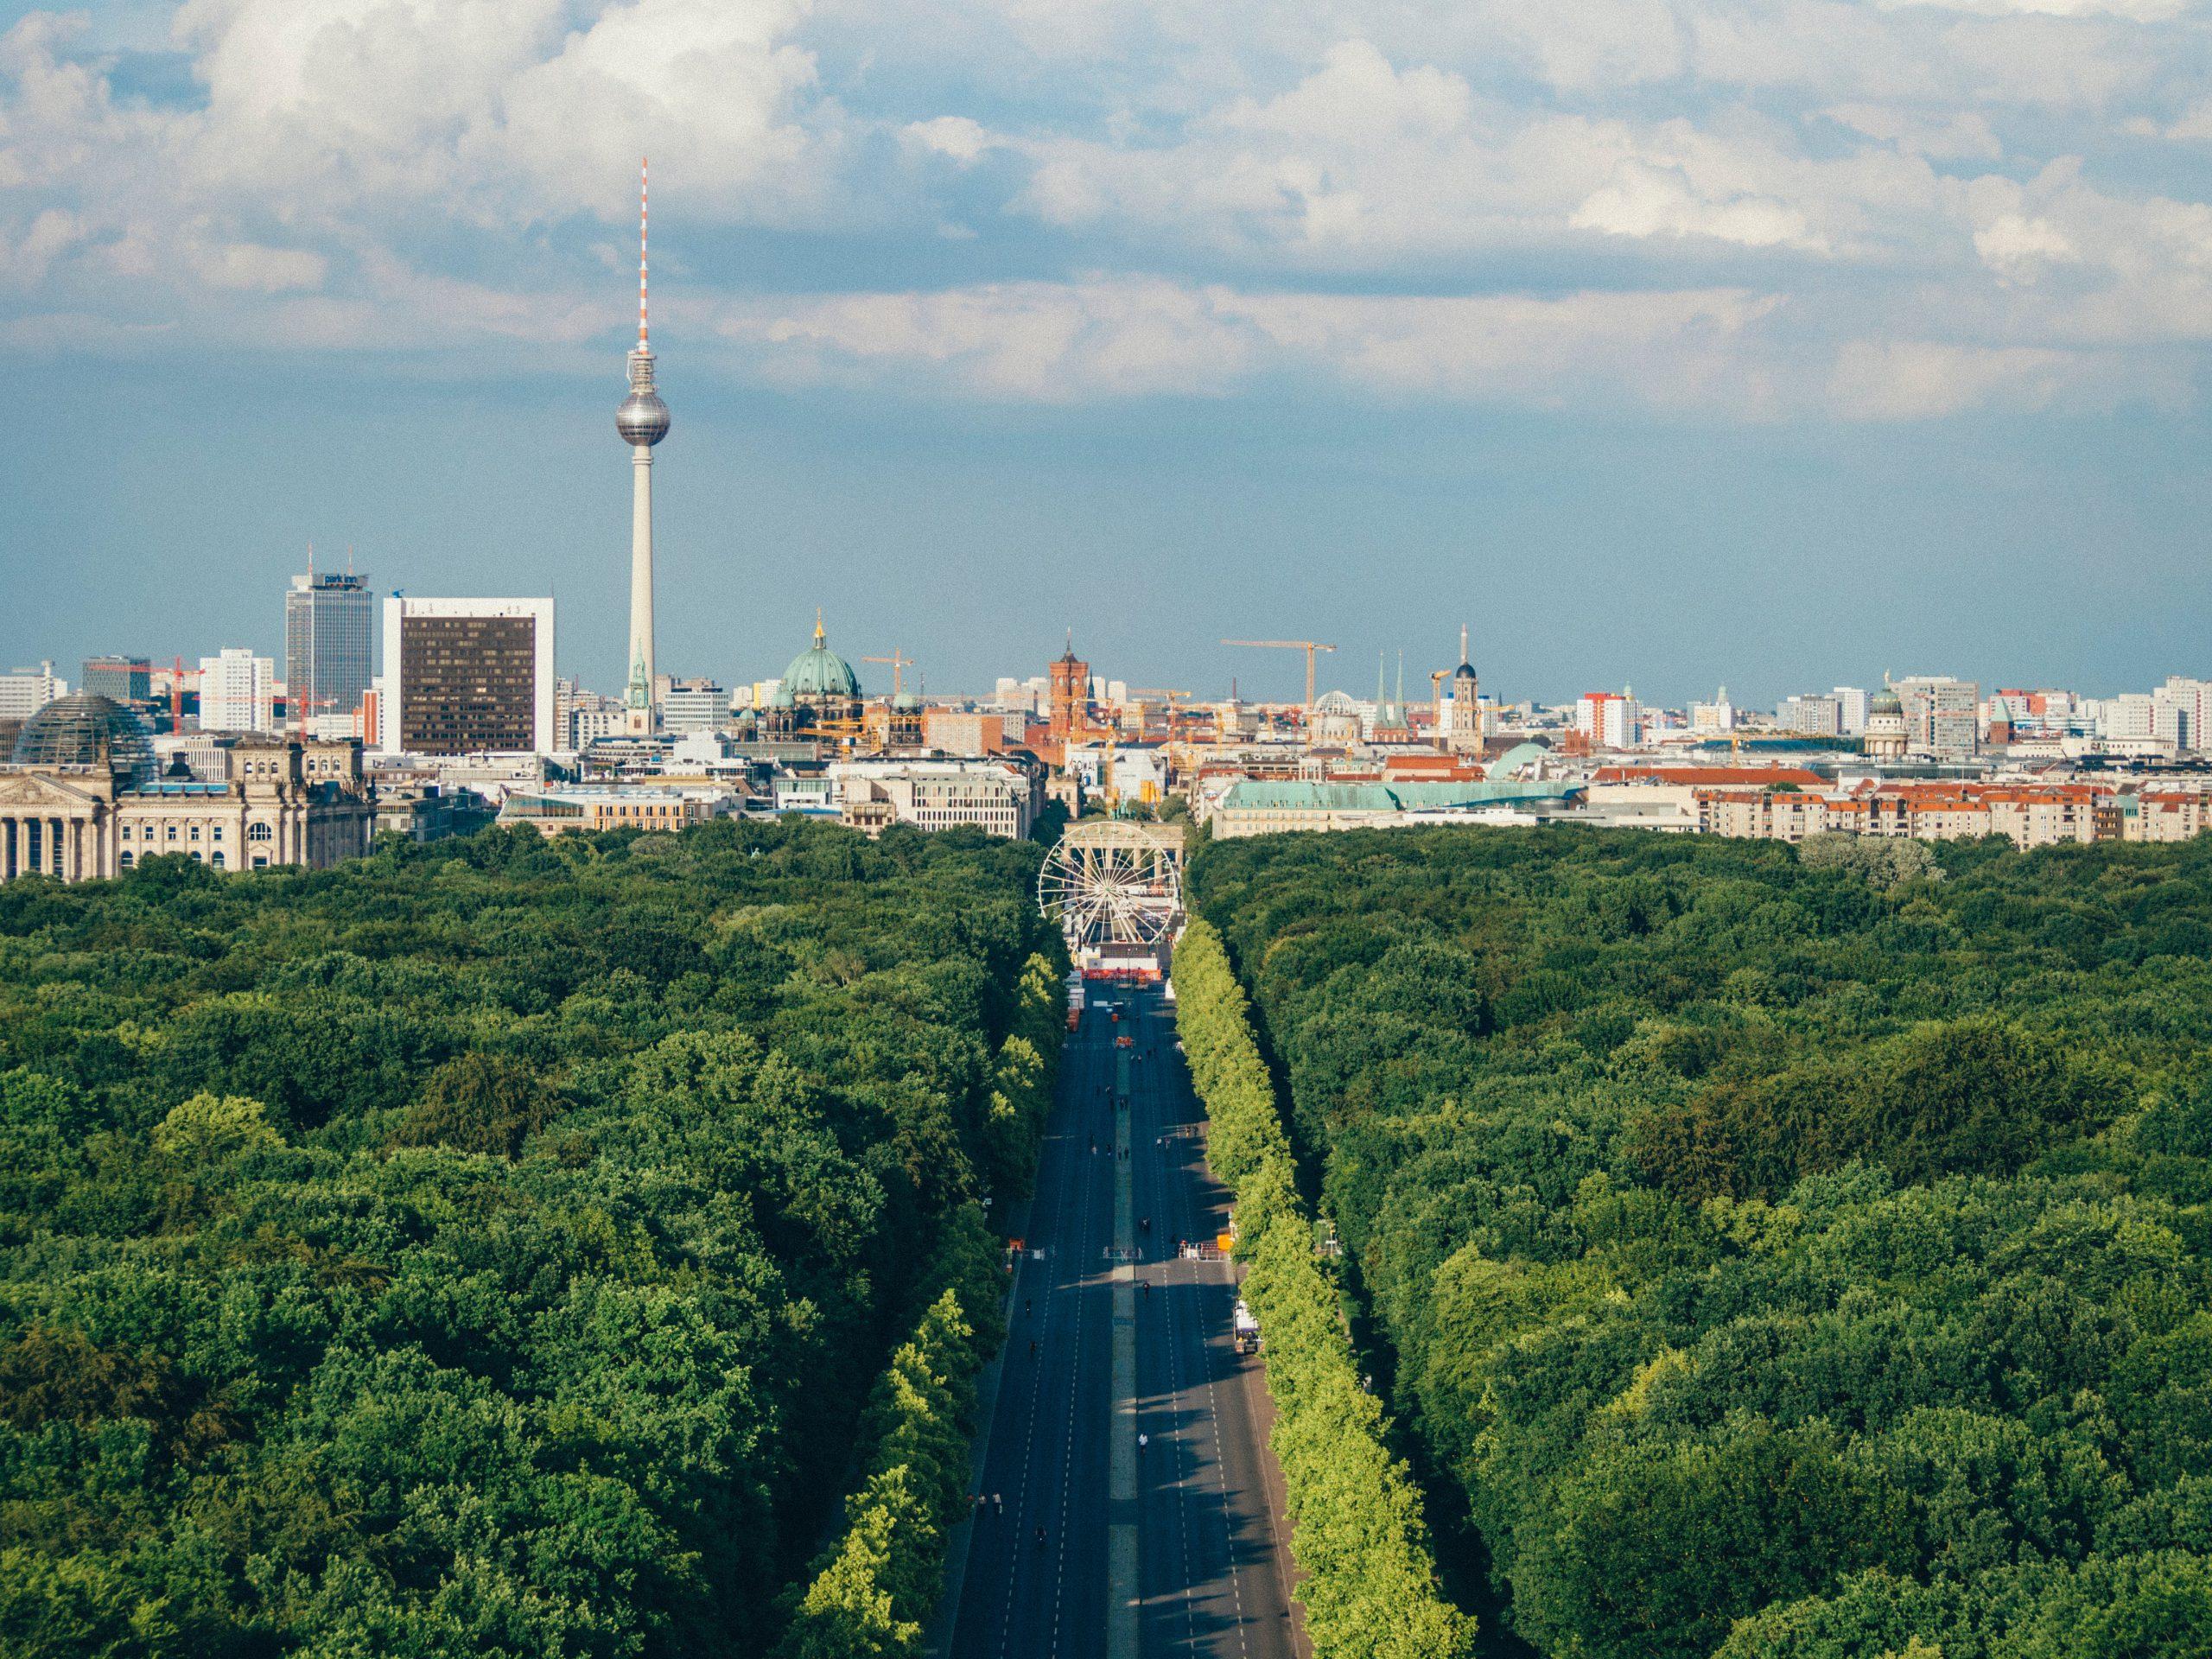 Immobilien in Deutschland – 16 Bundesländer, 16 Investment-Chancen